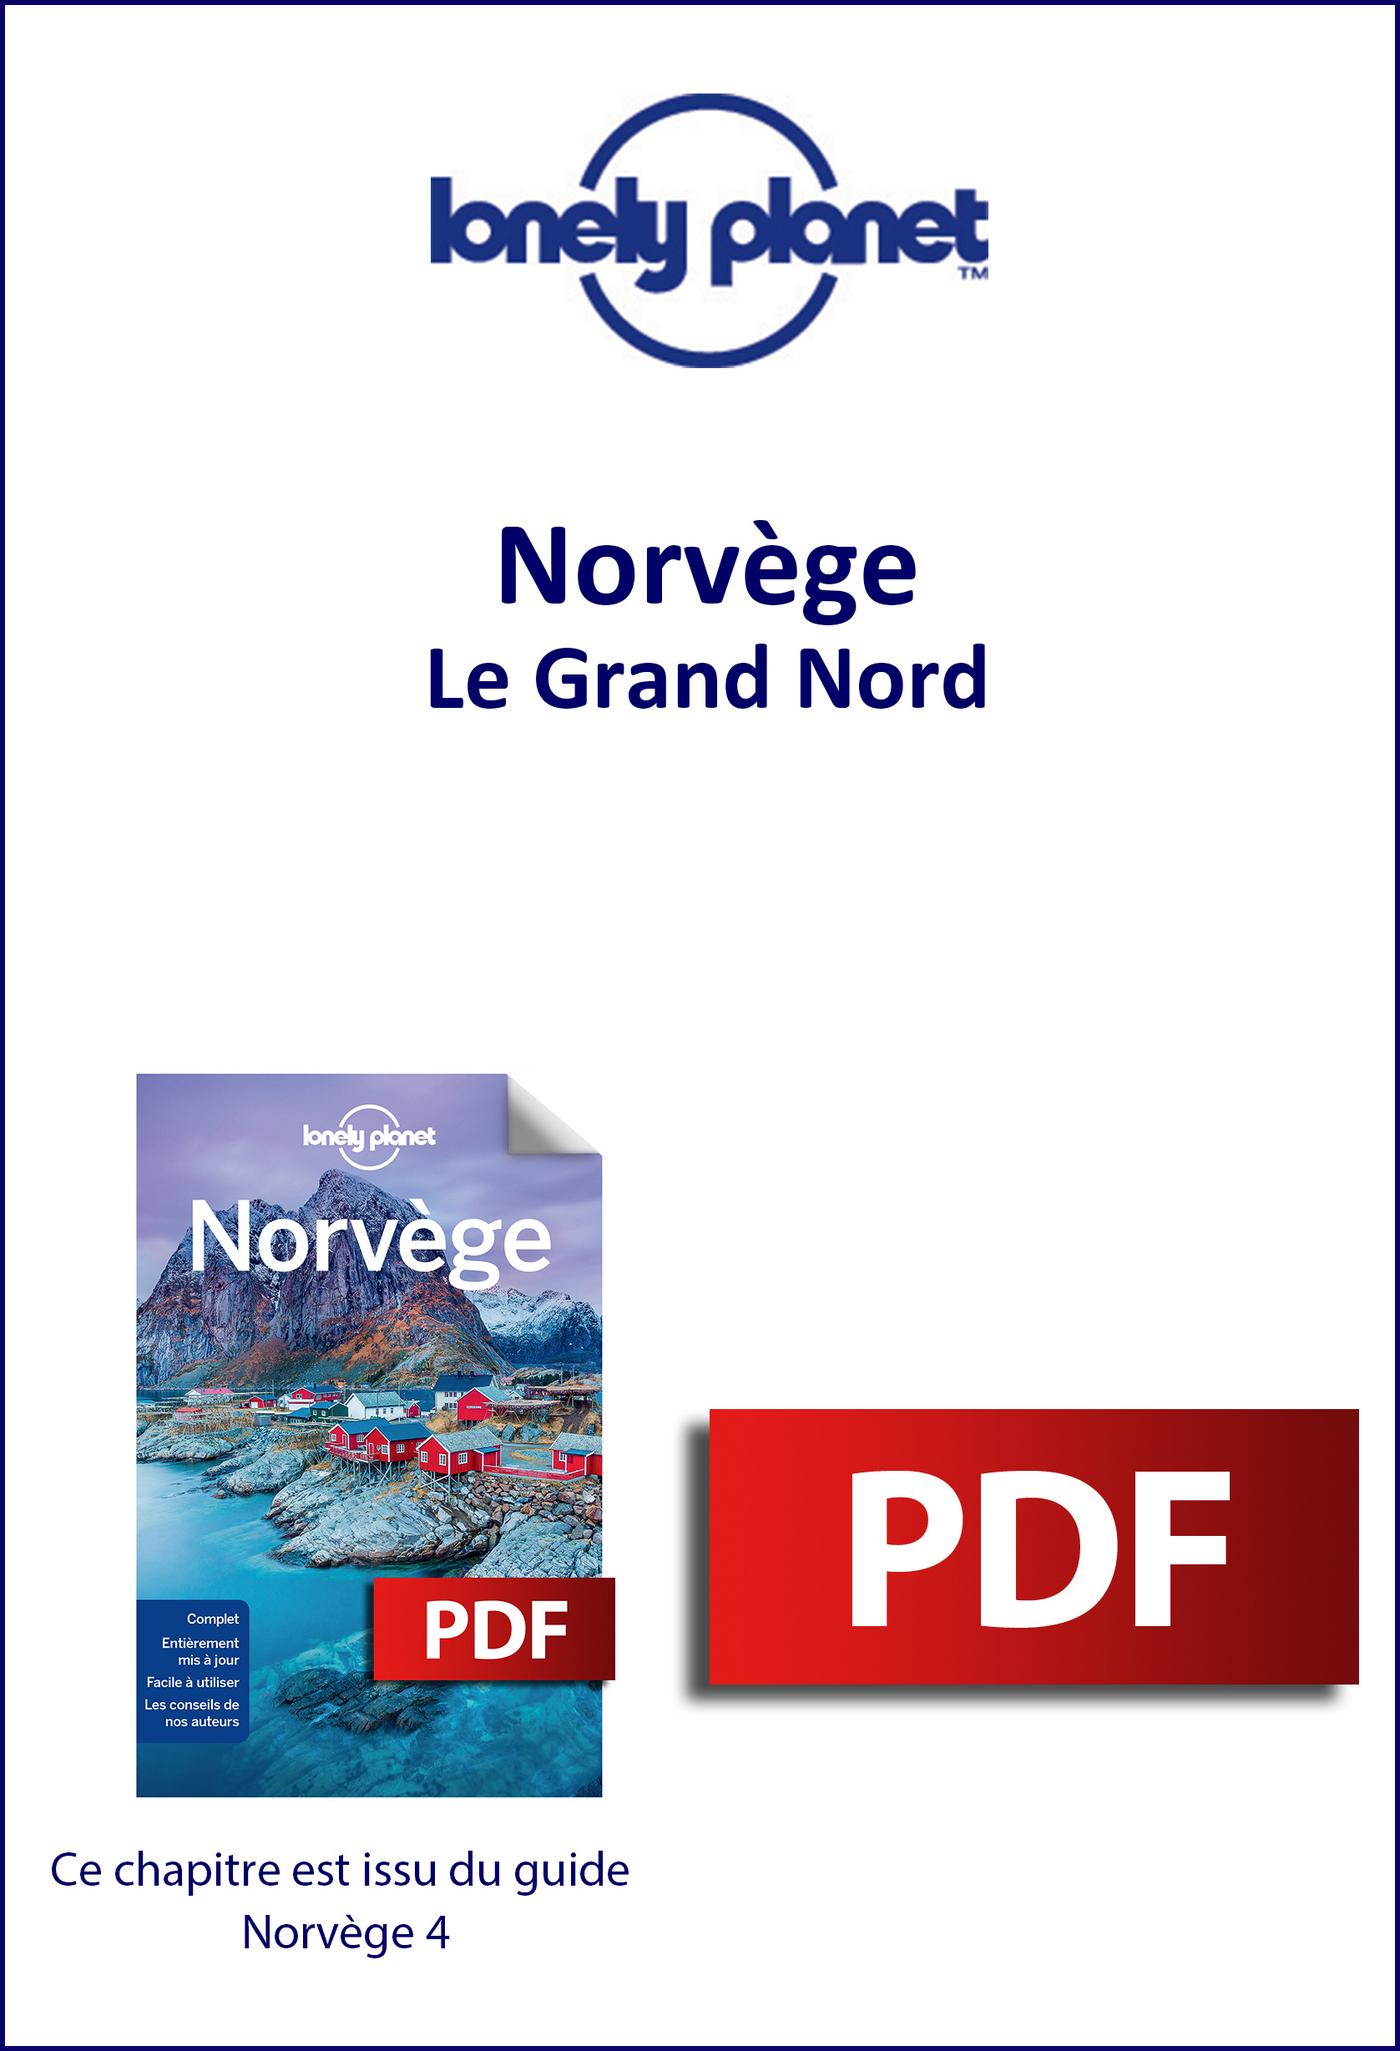 Norvège - Le Grand Nord